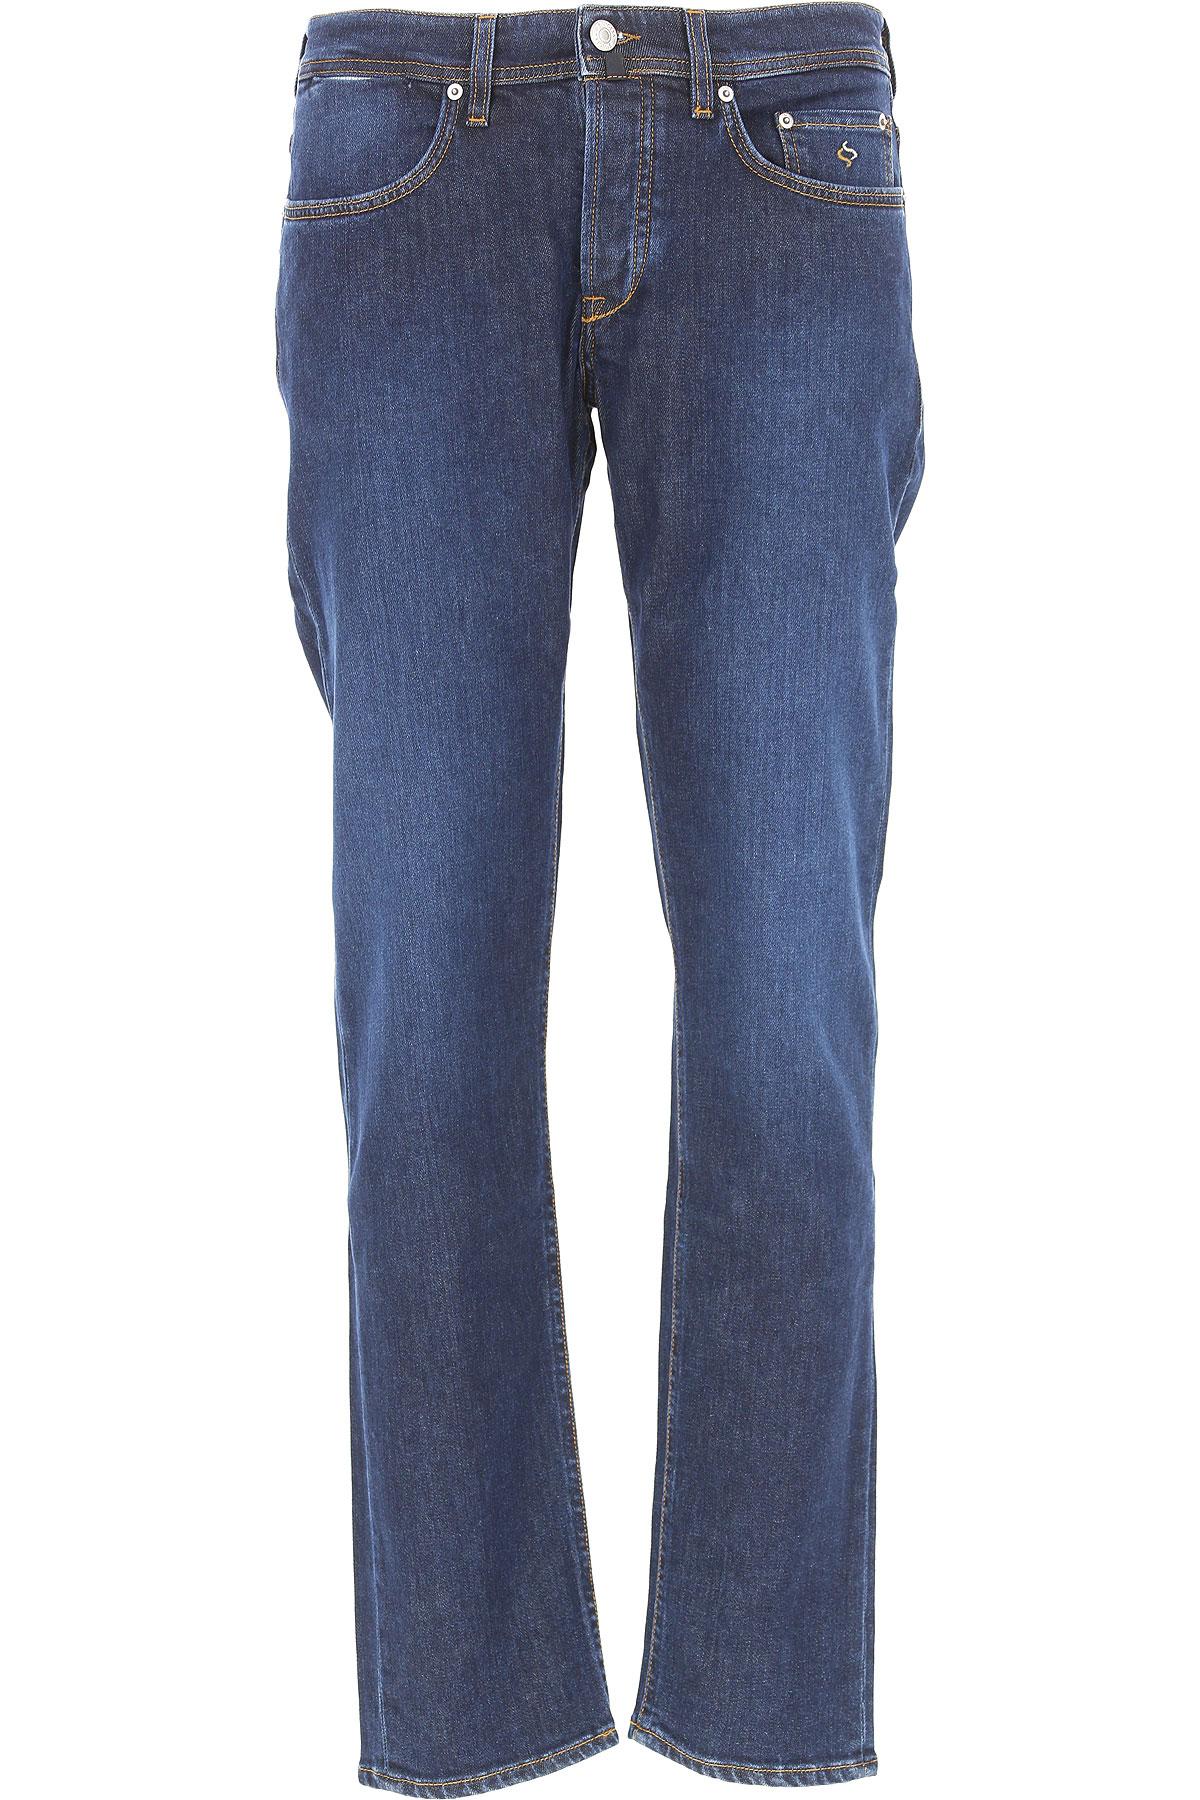 Image of Siviglia Jeans, Denim Core, Dark Blue, Cotton, 2017, 30 31 32 33 34 35 36 38